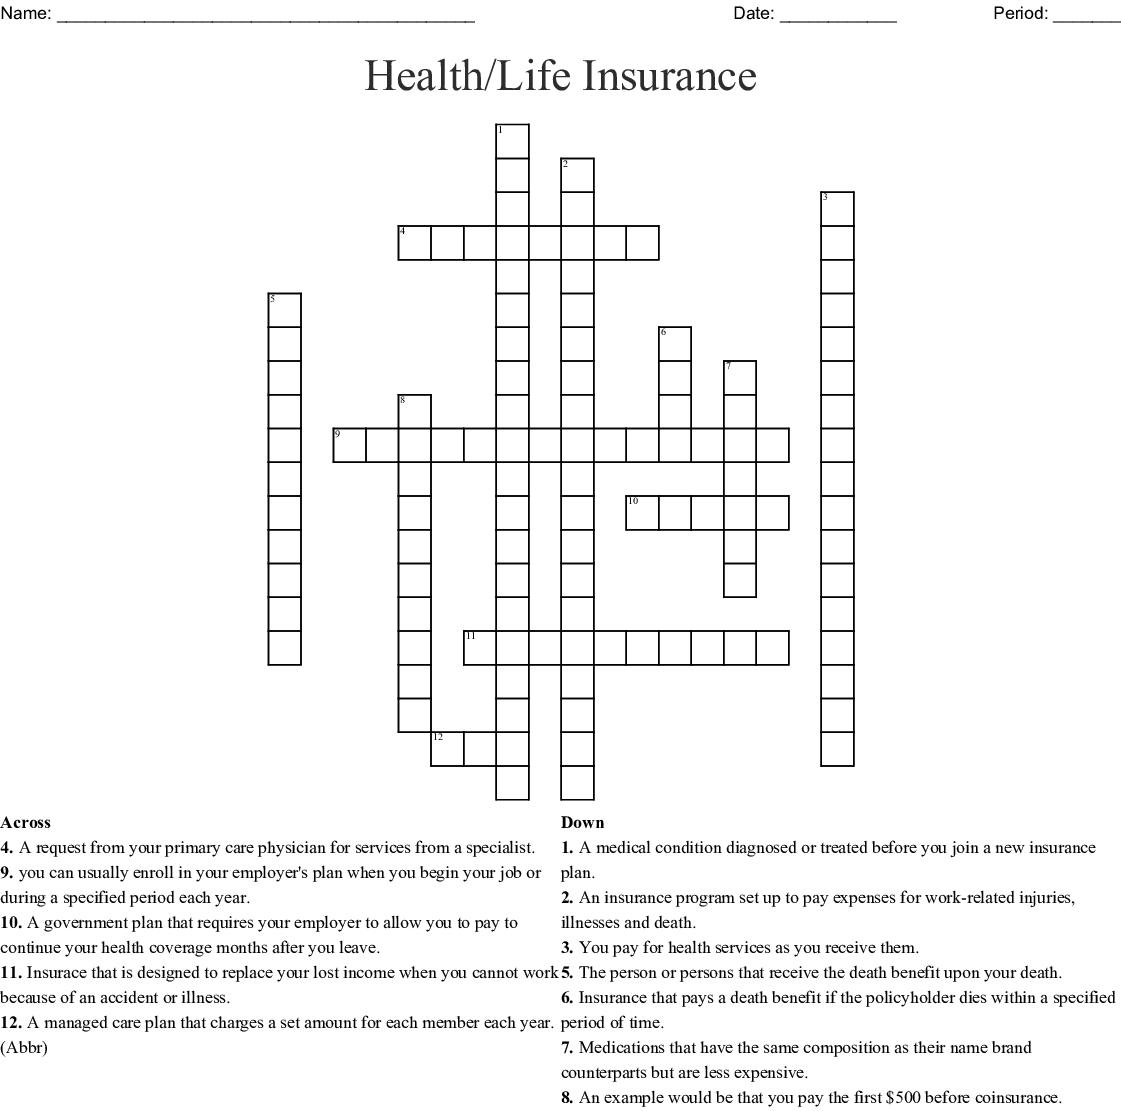 Health Life Insurance Crossword Wordmint